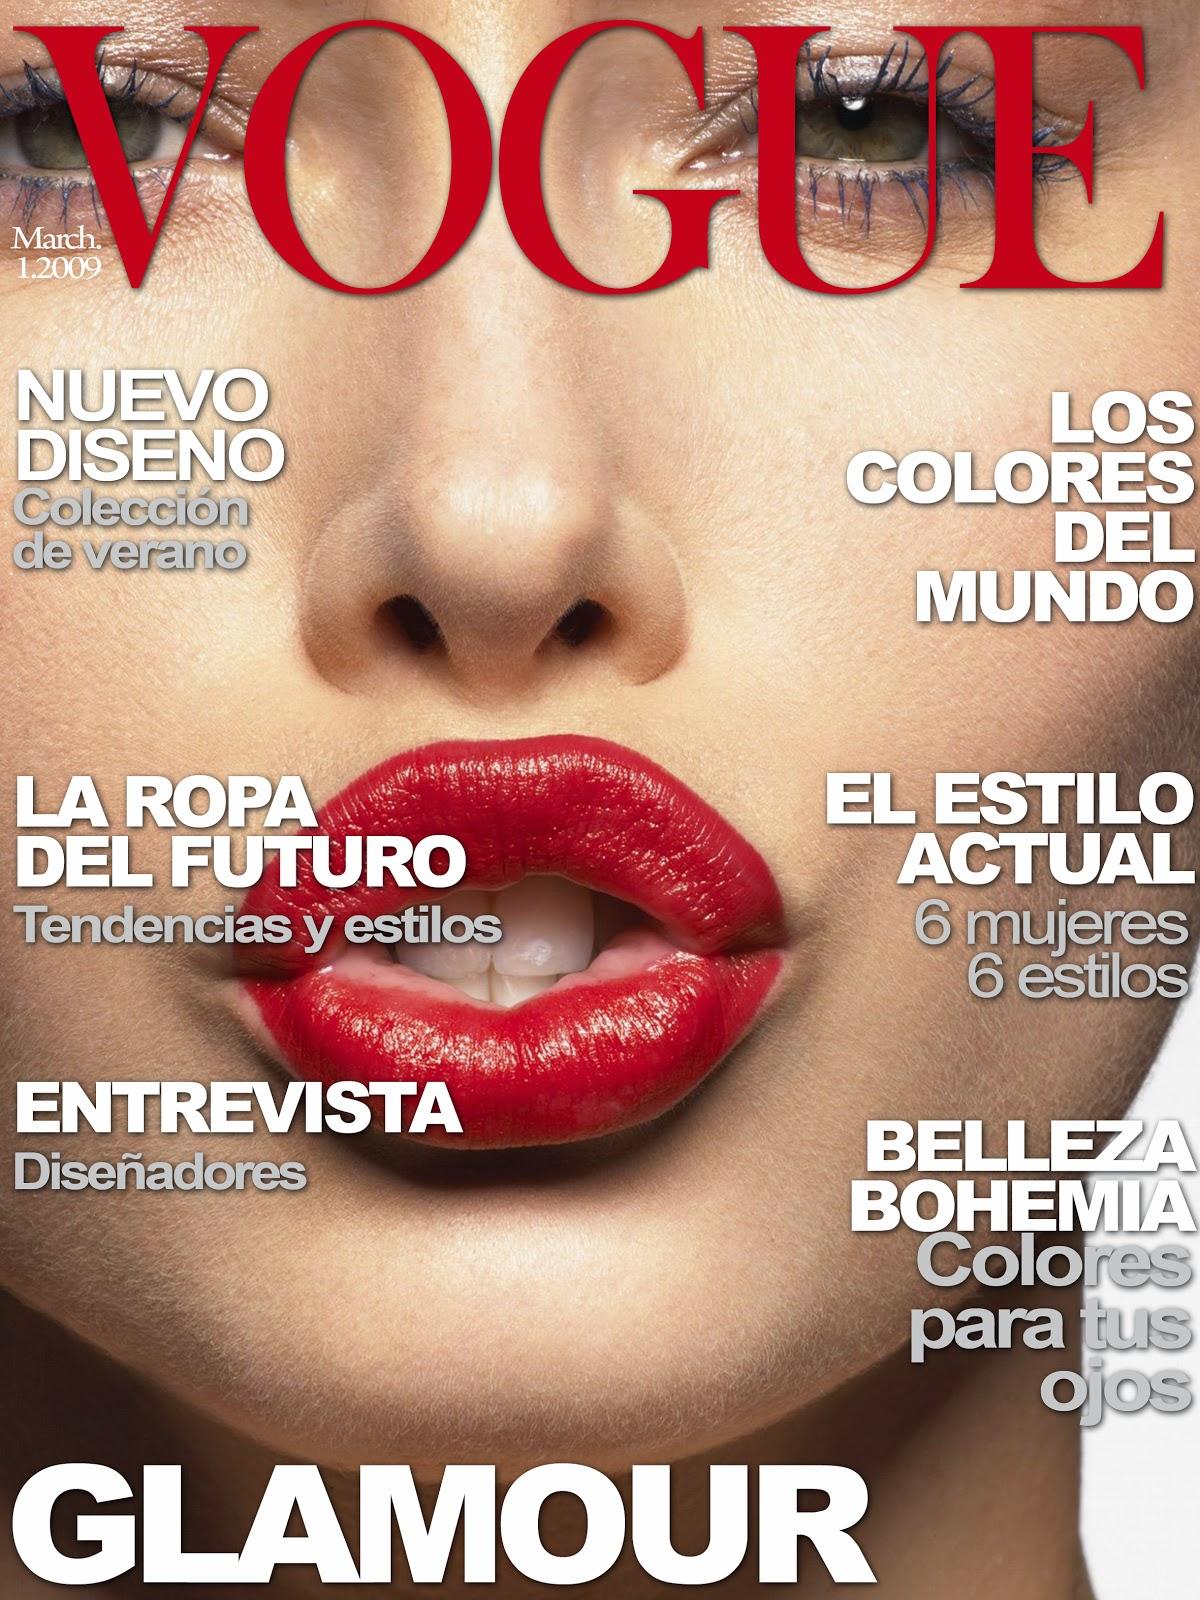 labiblioteque: Plantilla de photoshop de la revista VOGUE